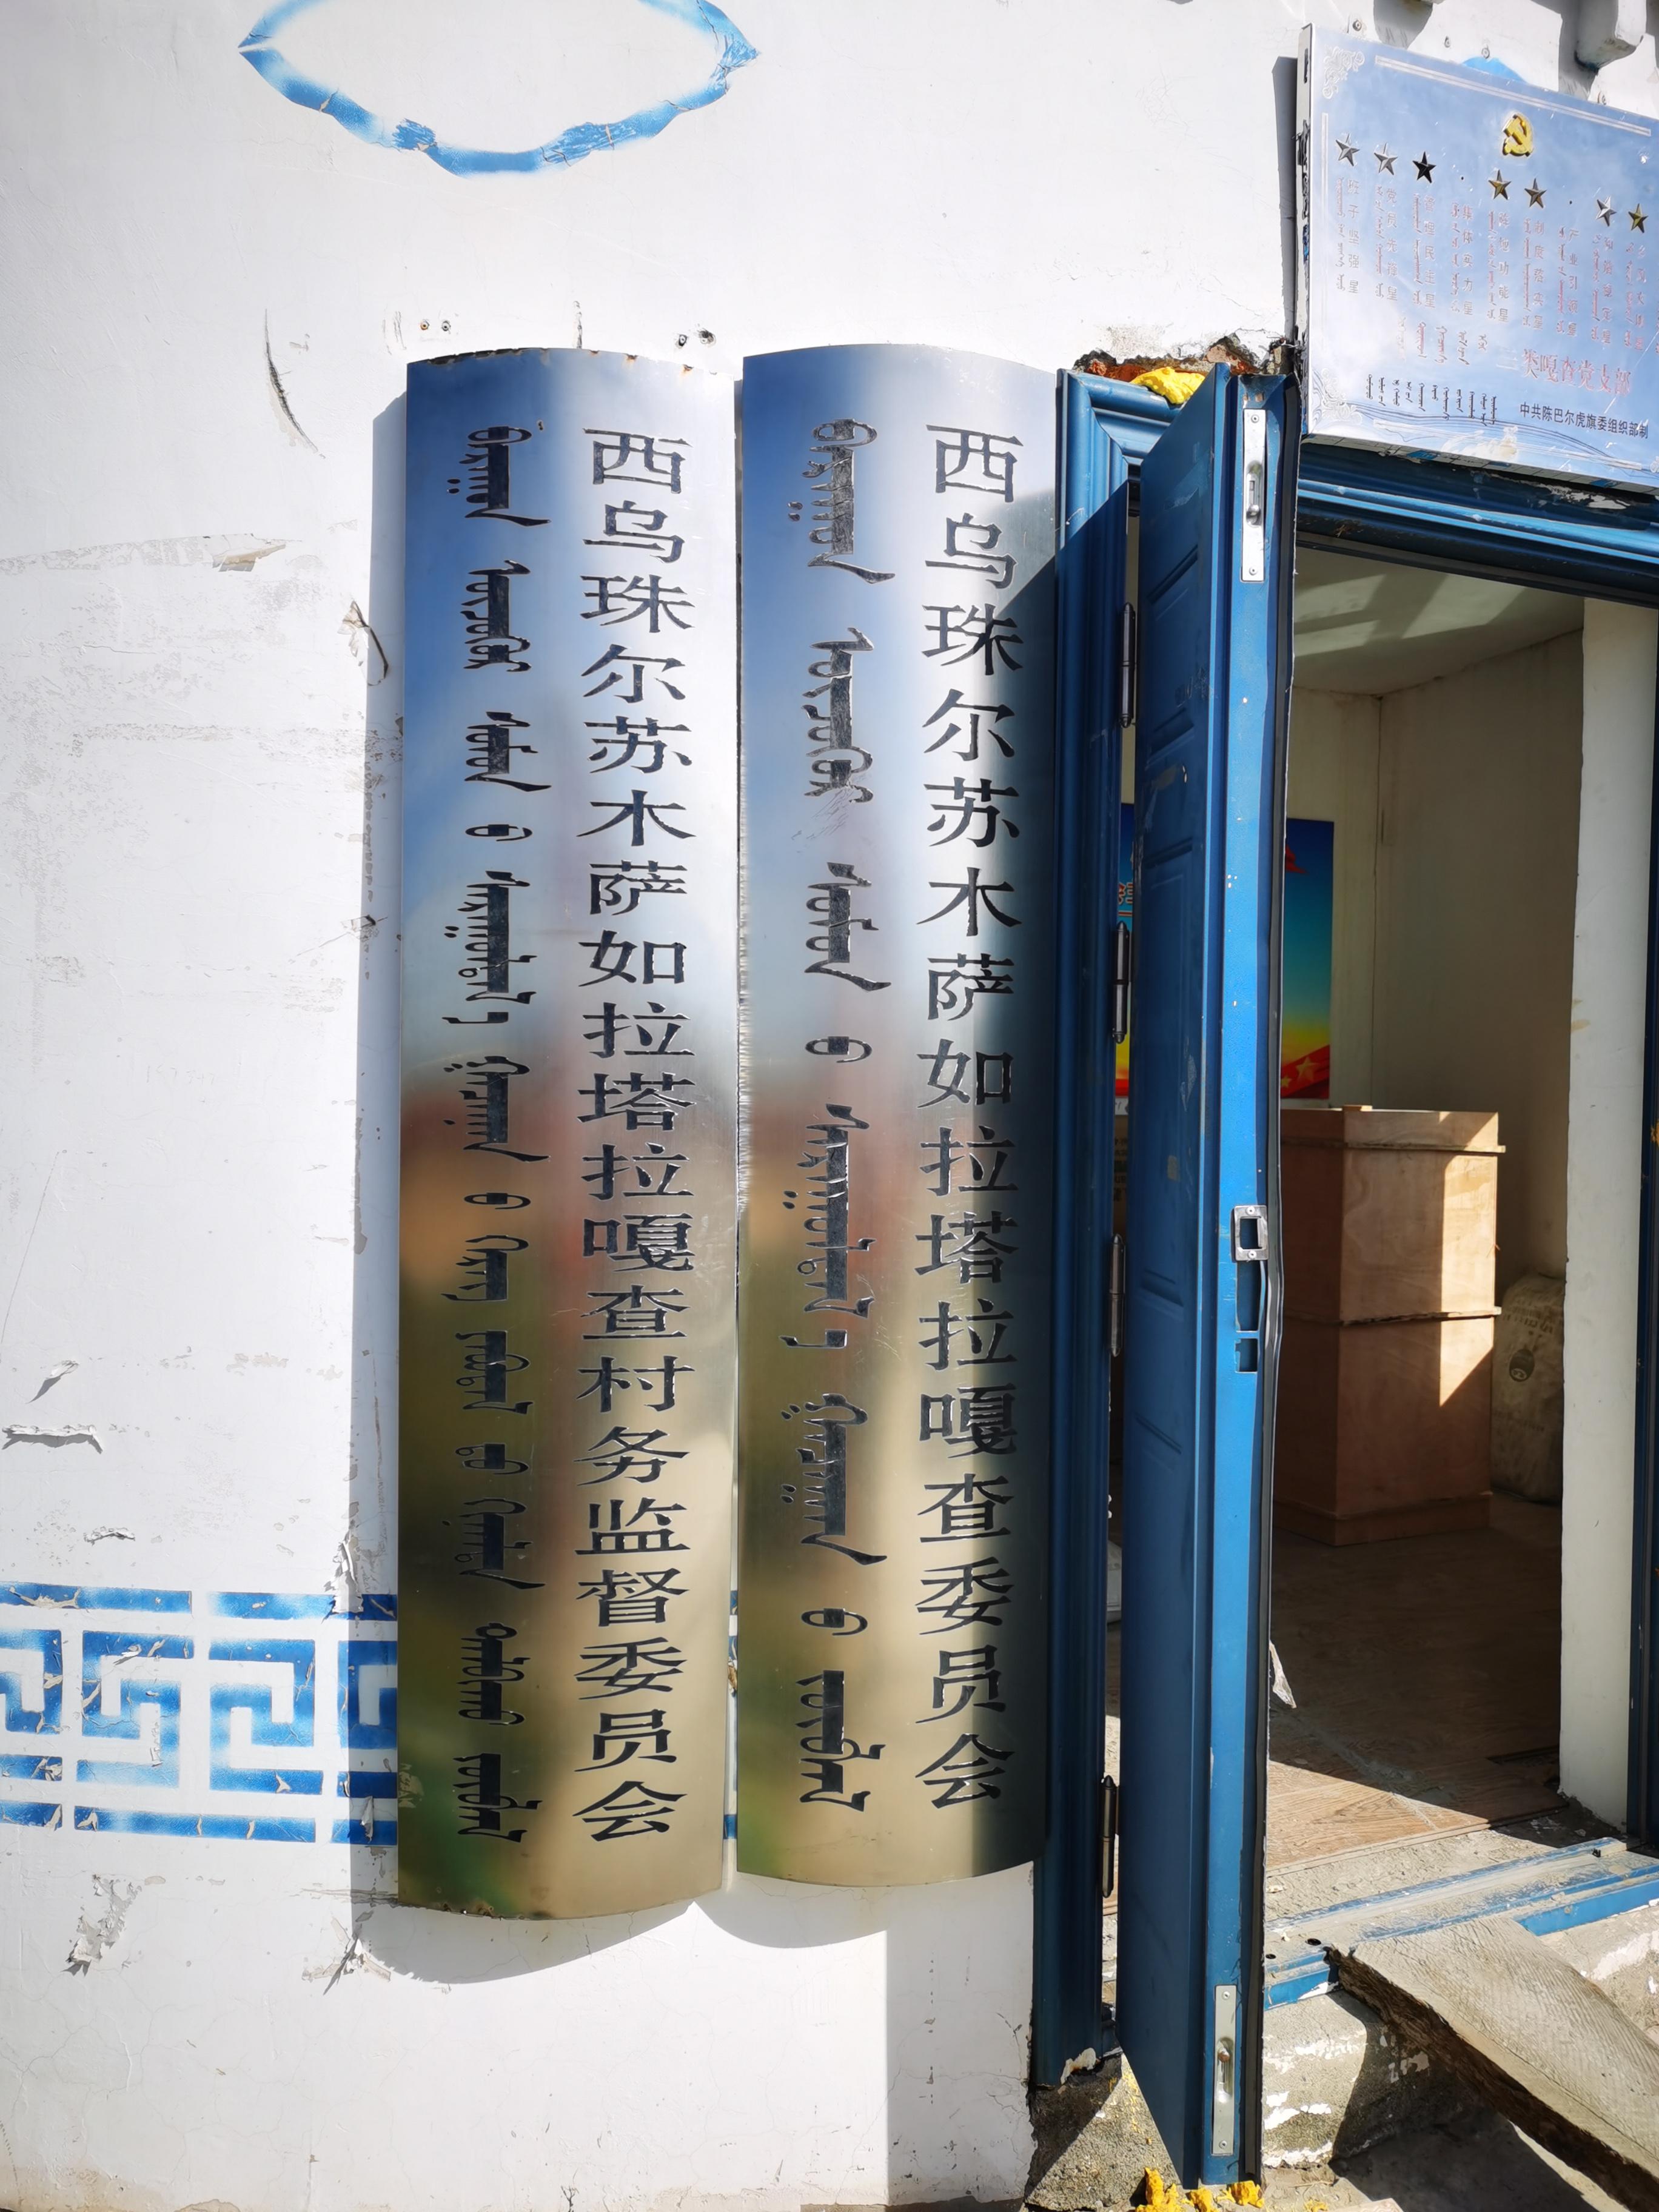 萨如拉塔拉嘎查的办公场所。